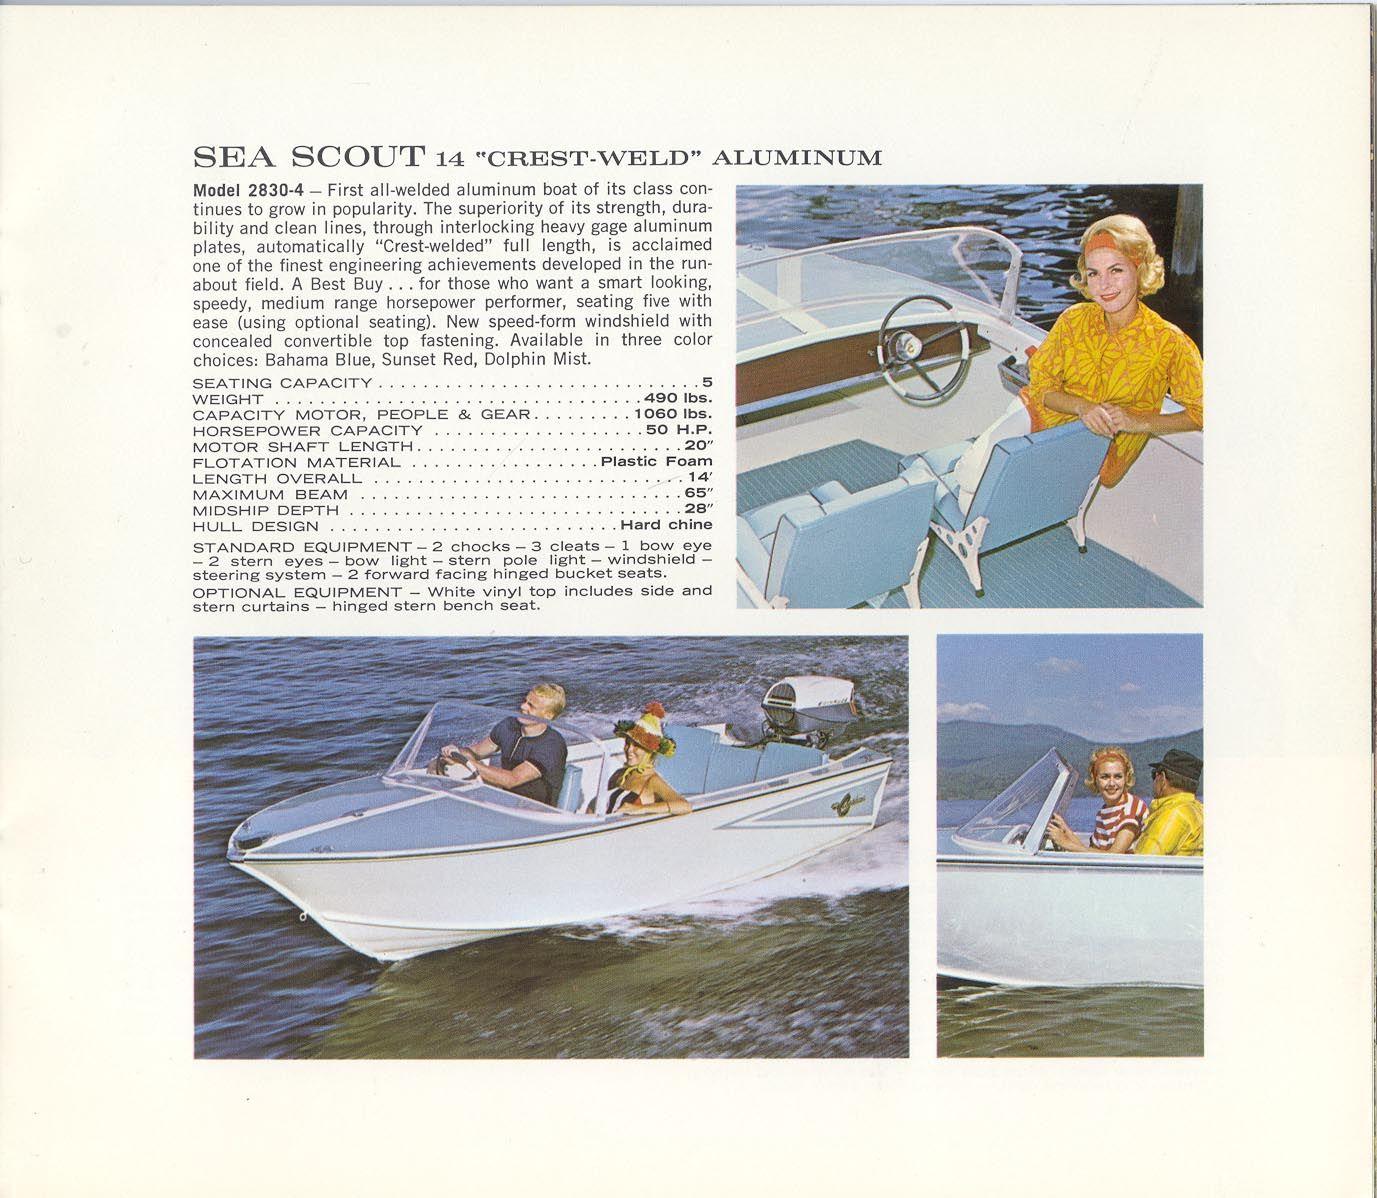 1964 Crestliner Sea Scout 14 Vintage Boats Aluminum Boat Boat